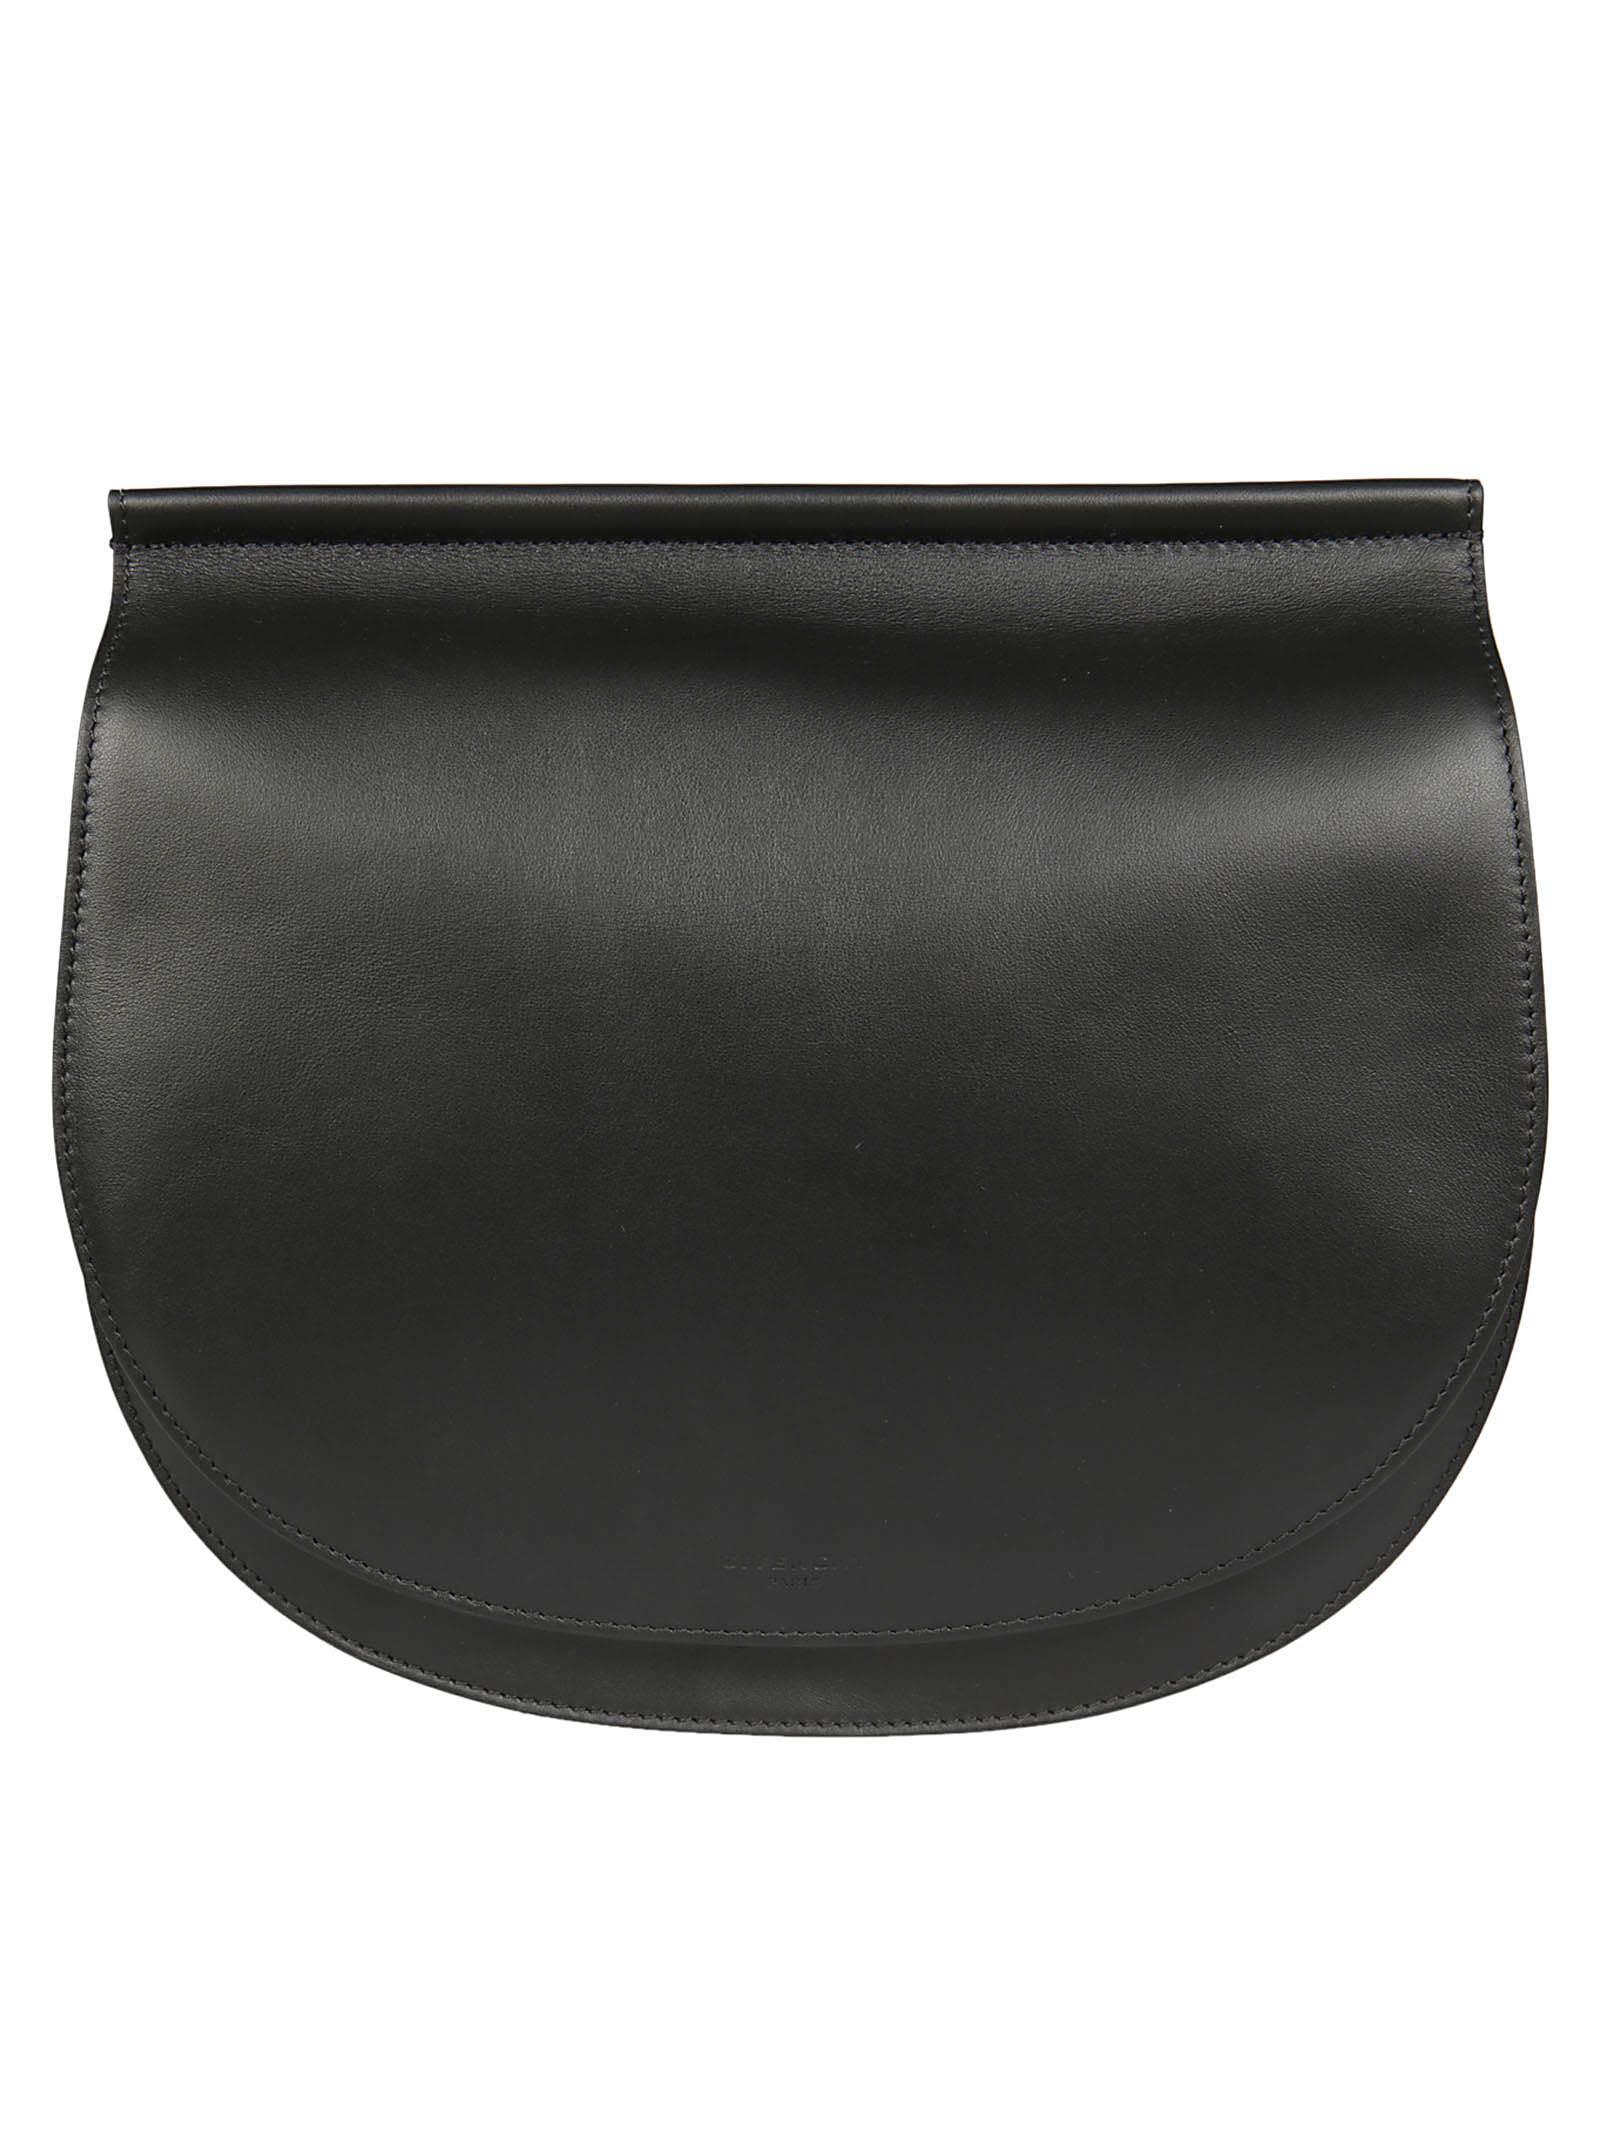 Givenchy Infinity Shoulder Bag